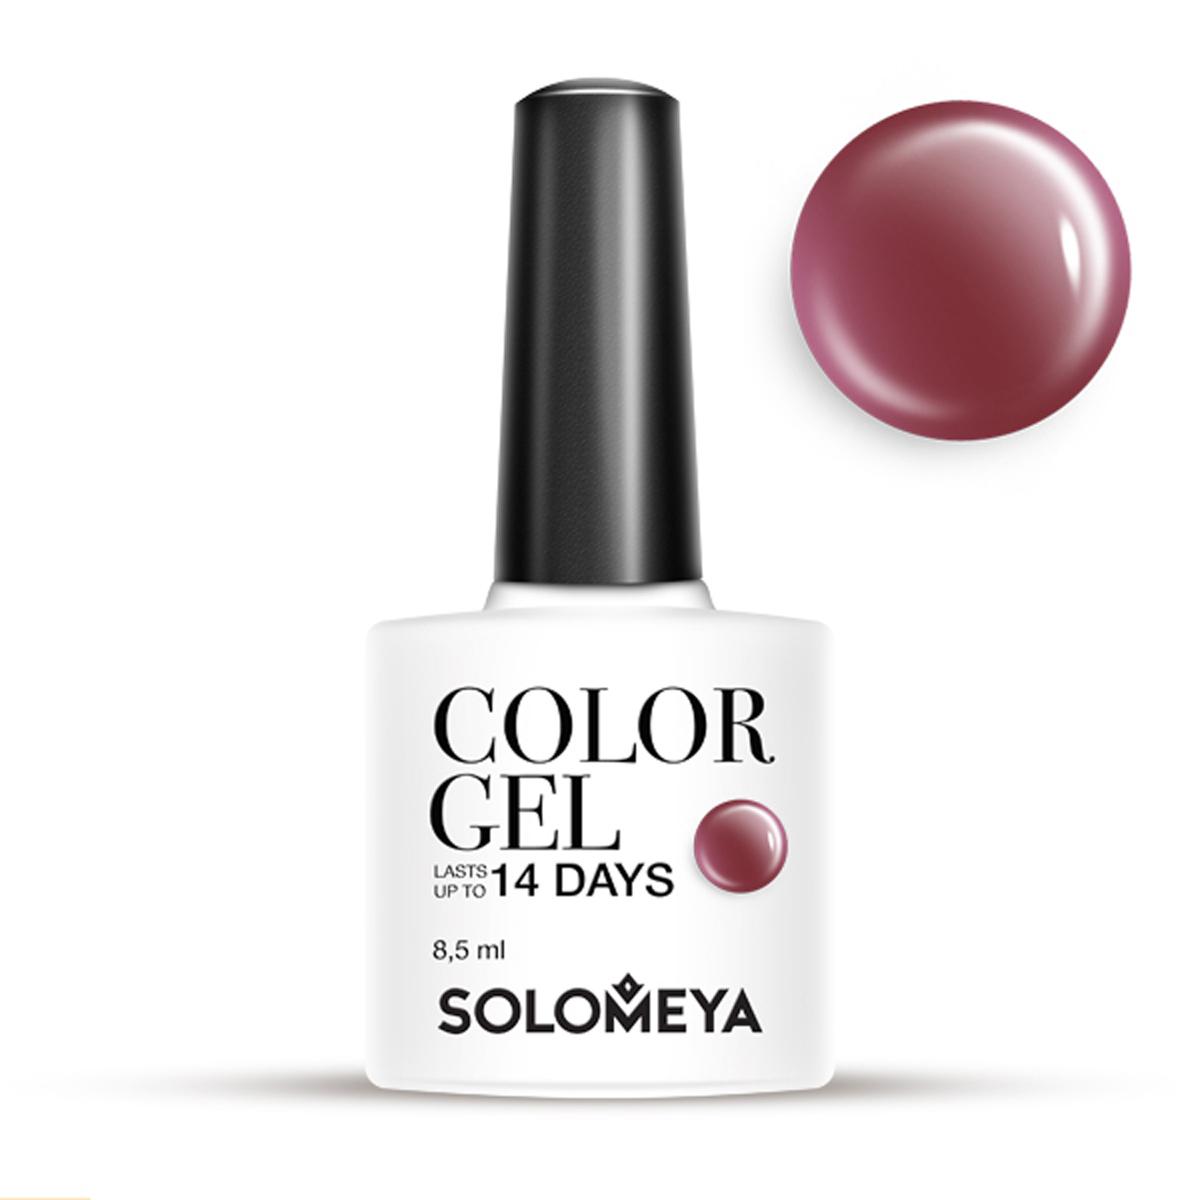 SOLOMEYA Гель-лак для ногтей SCG065 Красновато-коричневый / Color Gel Puce 8,5мл гель лак для ногтей solomeya color gel beret scg034 берет 8 5 мл